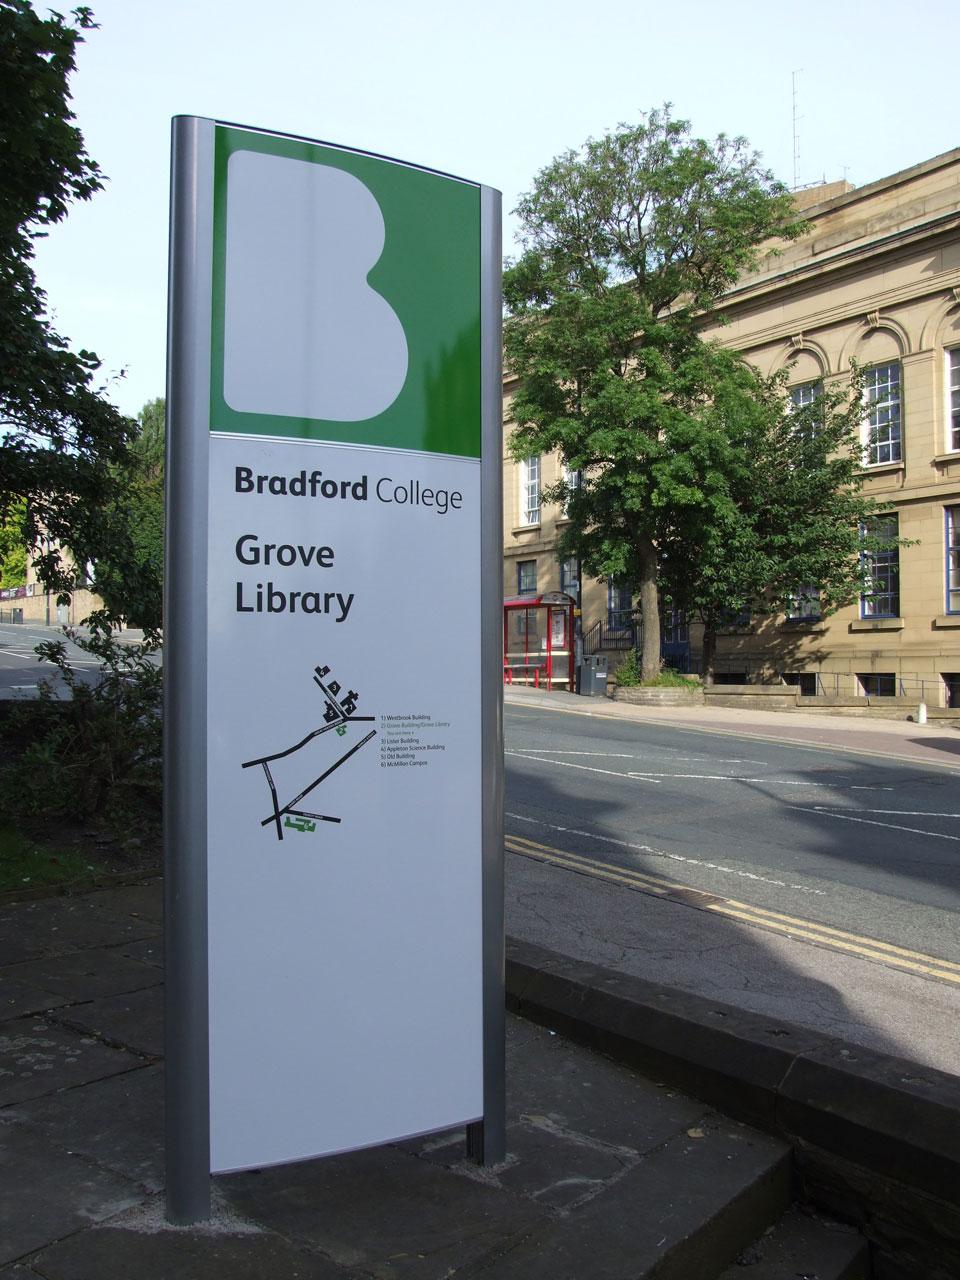 Bradford College - Campus Maps